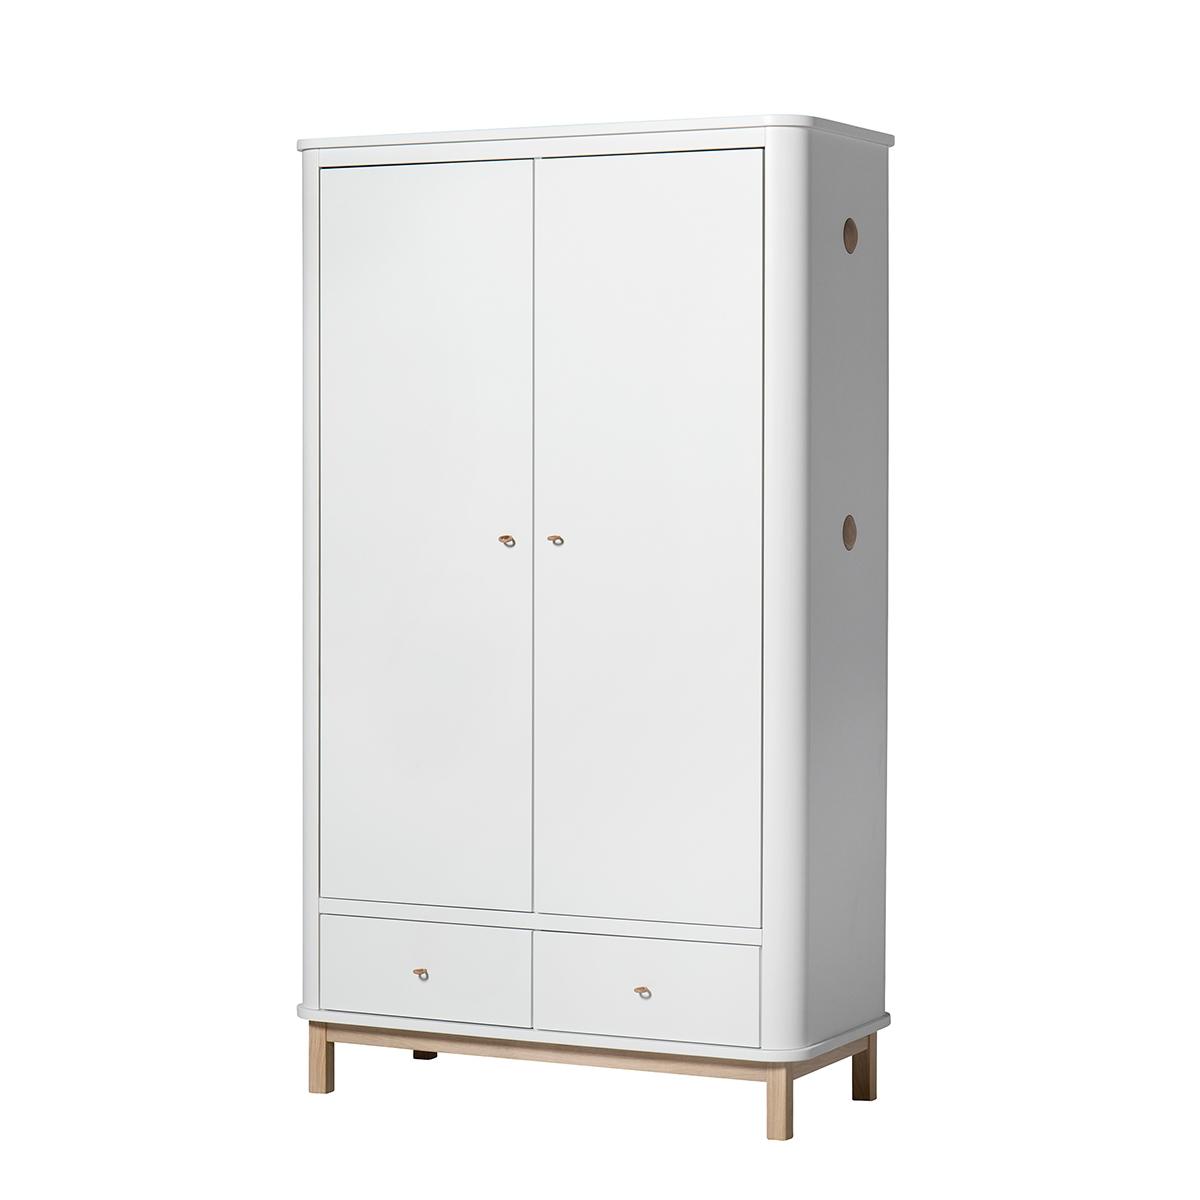 Garderob 2 dörrar Wood vit/ ek, Oliver Furniture